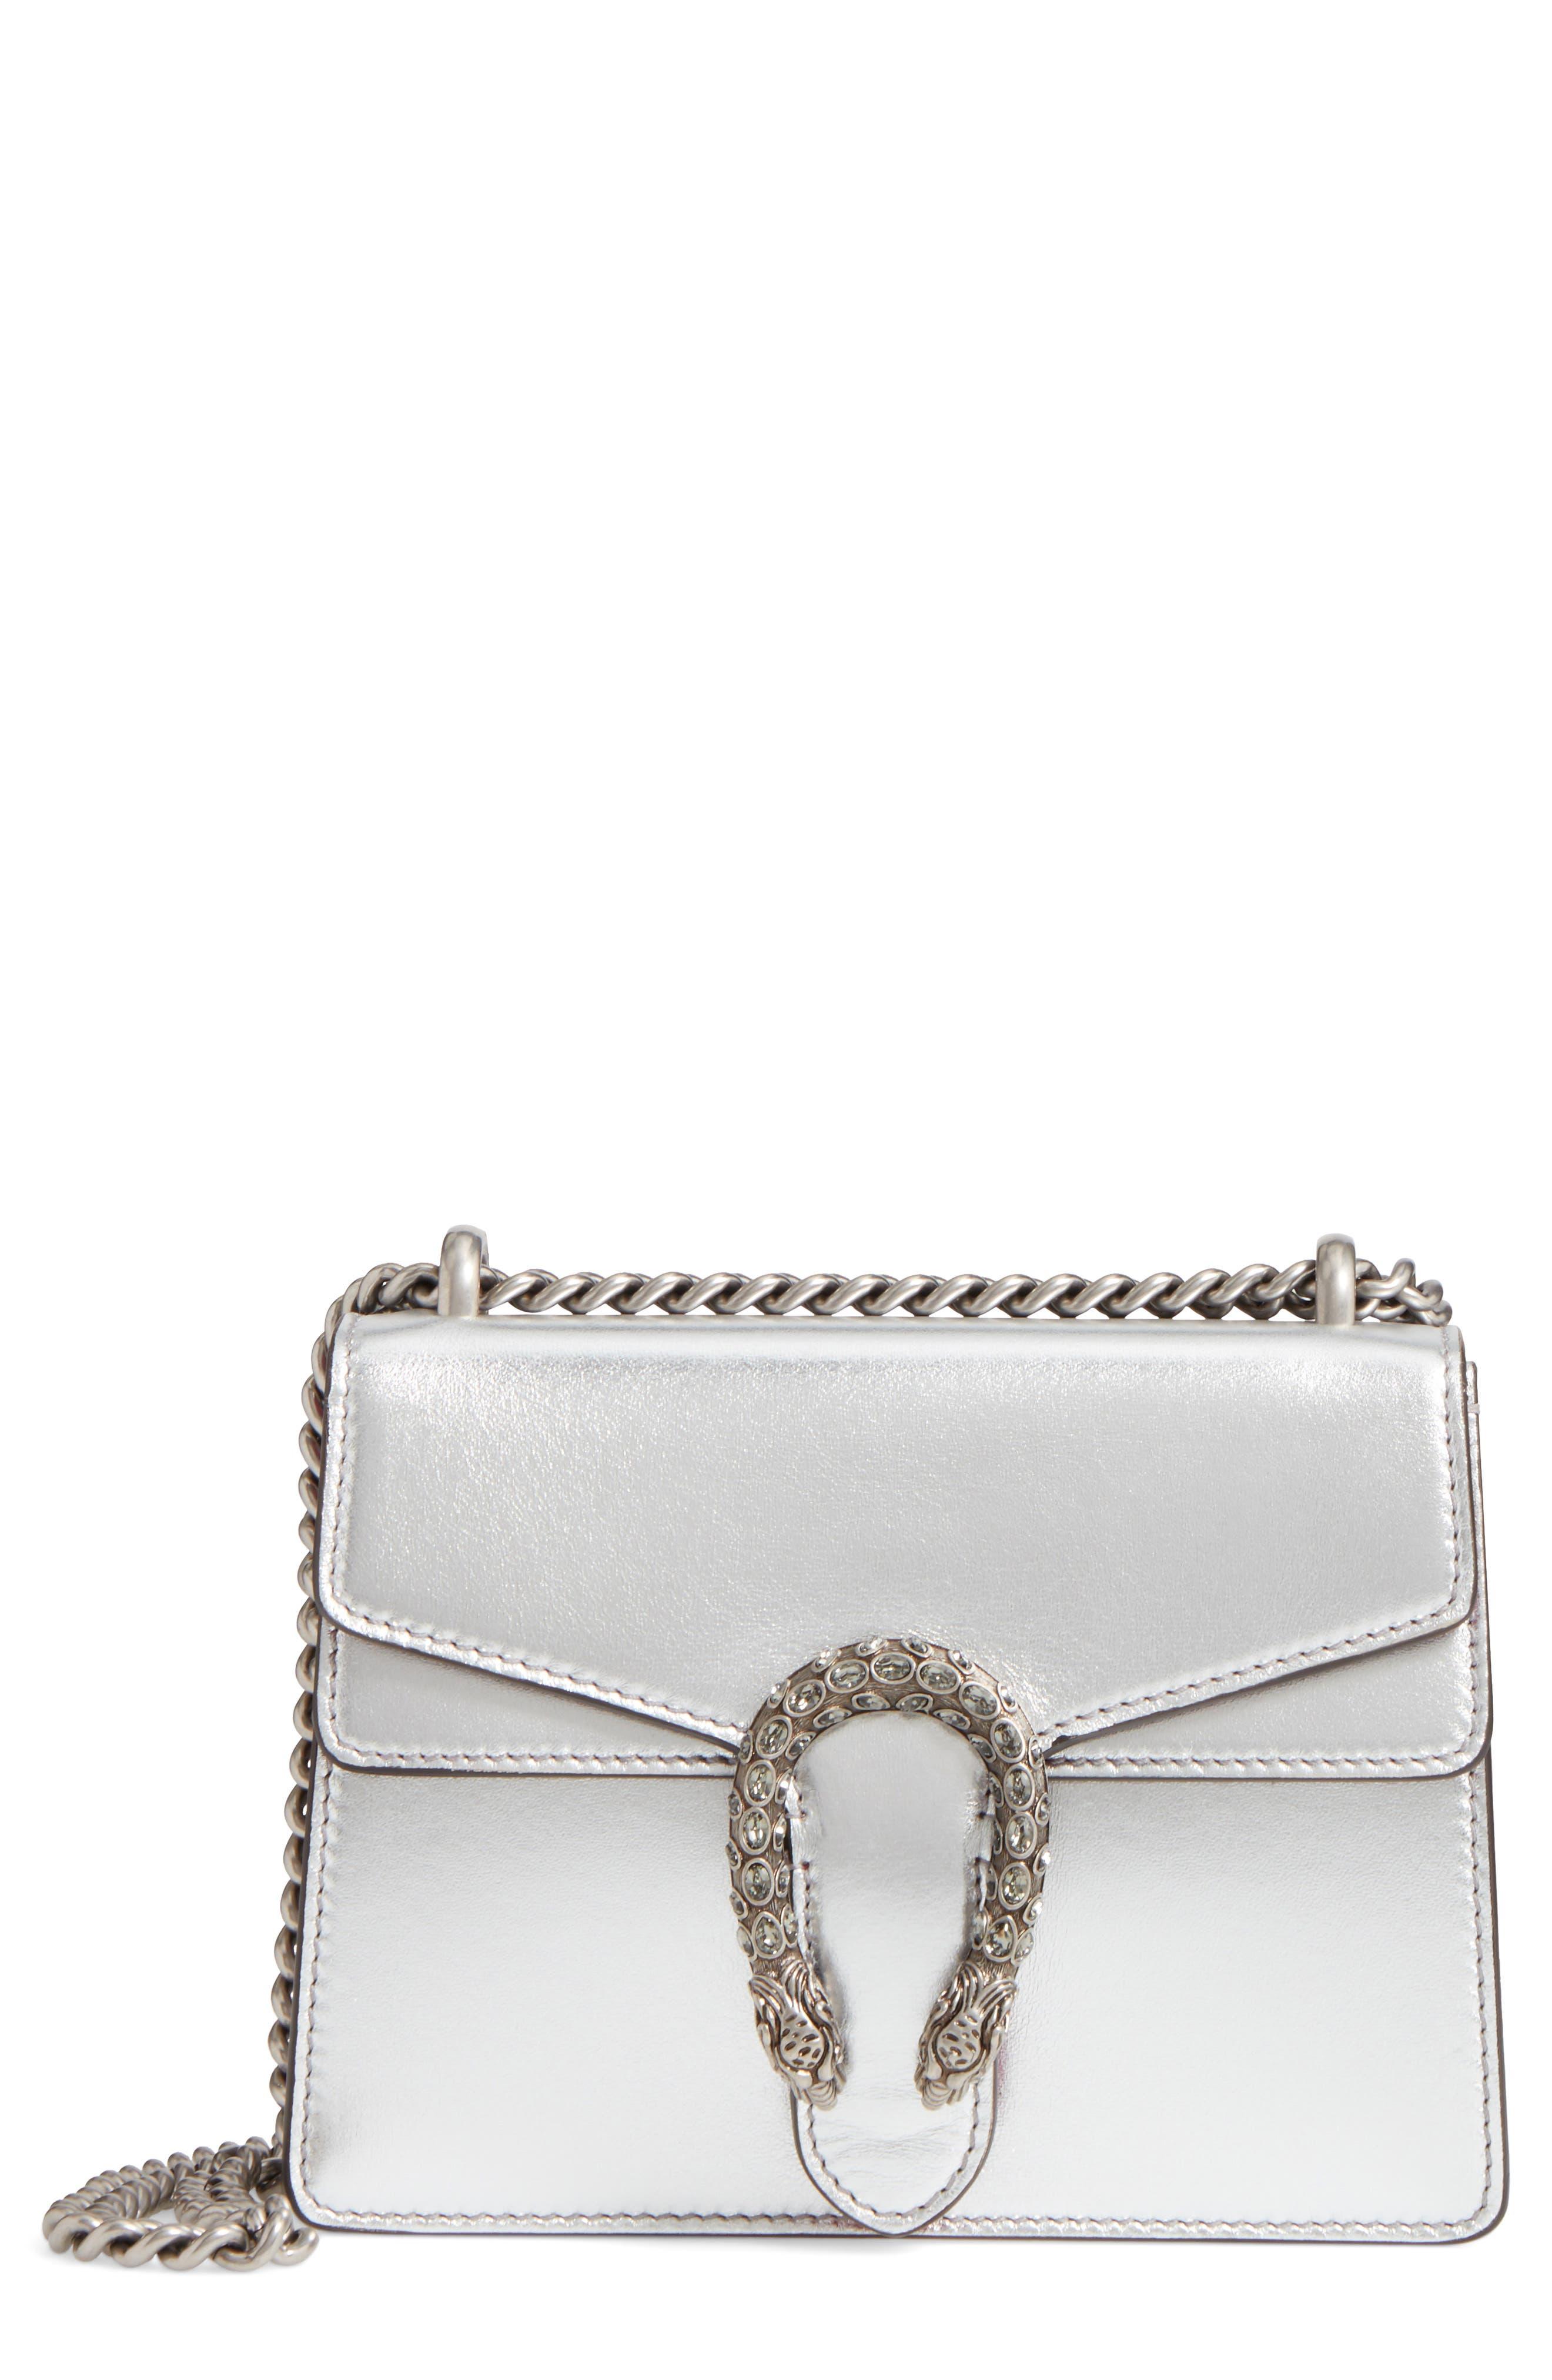 Mini Dionysus Metallic Leather Shoulder Bag,                             Main thumbnail 1, color,                             045